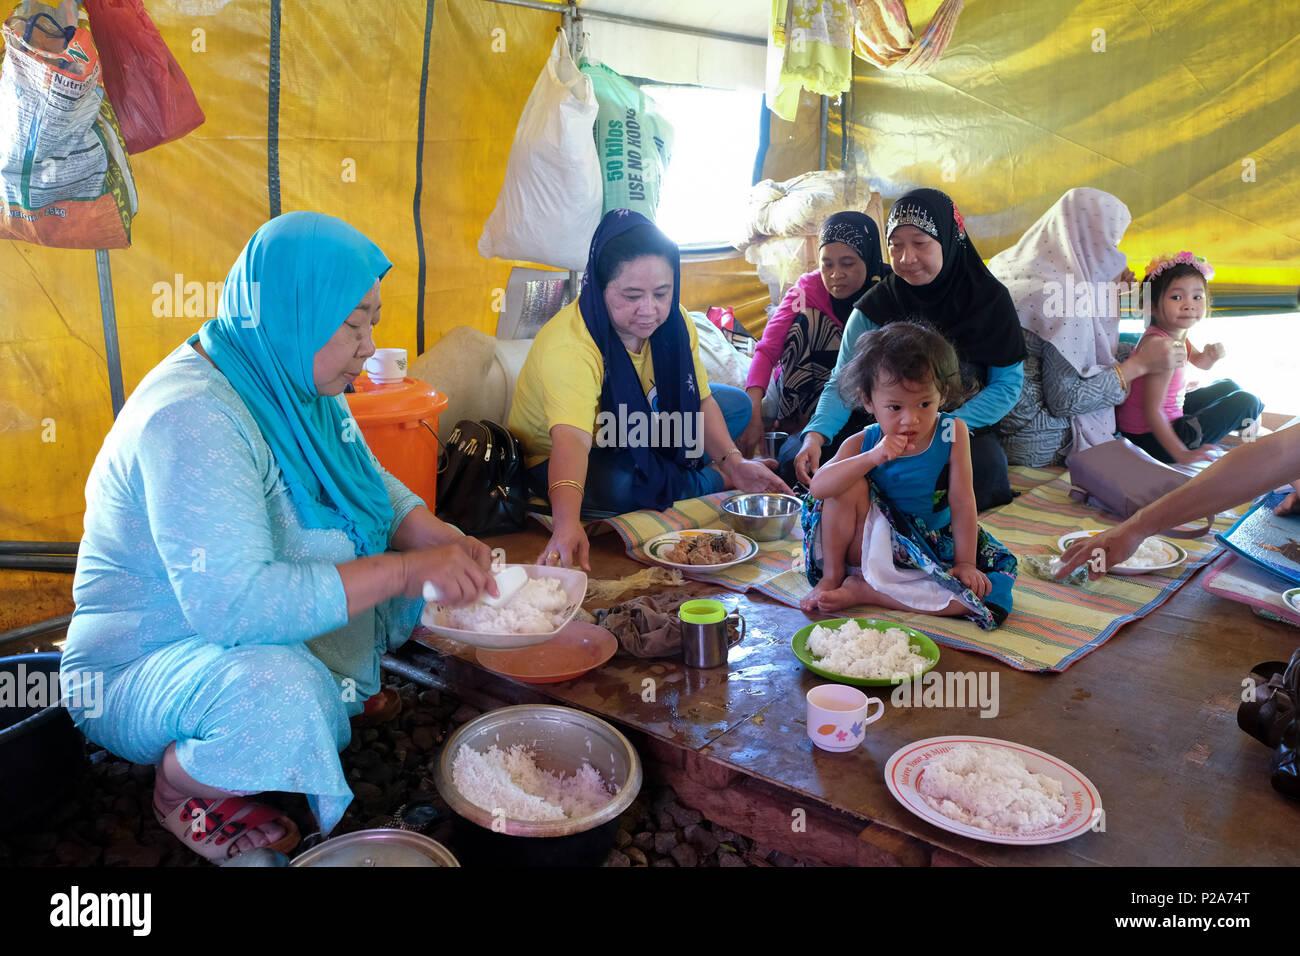 Philippine IDP refugees from Marawi in a tent city supported by DUYONG-Marawi near Baloi, Mindanao Island, Philippines - Philippinische Binnenflüchtlinge (IDP) aus Marawi in einer von DUYONG-Marawi unterstützten Zeltstadt bei Baloi, Insel Mindanao, Philippinen - Stock Image